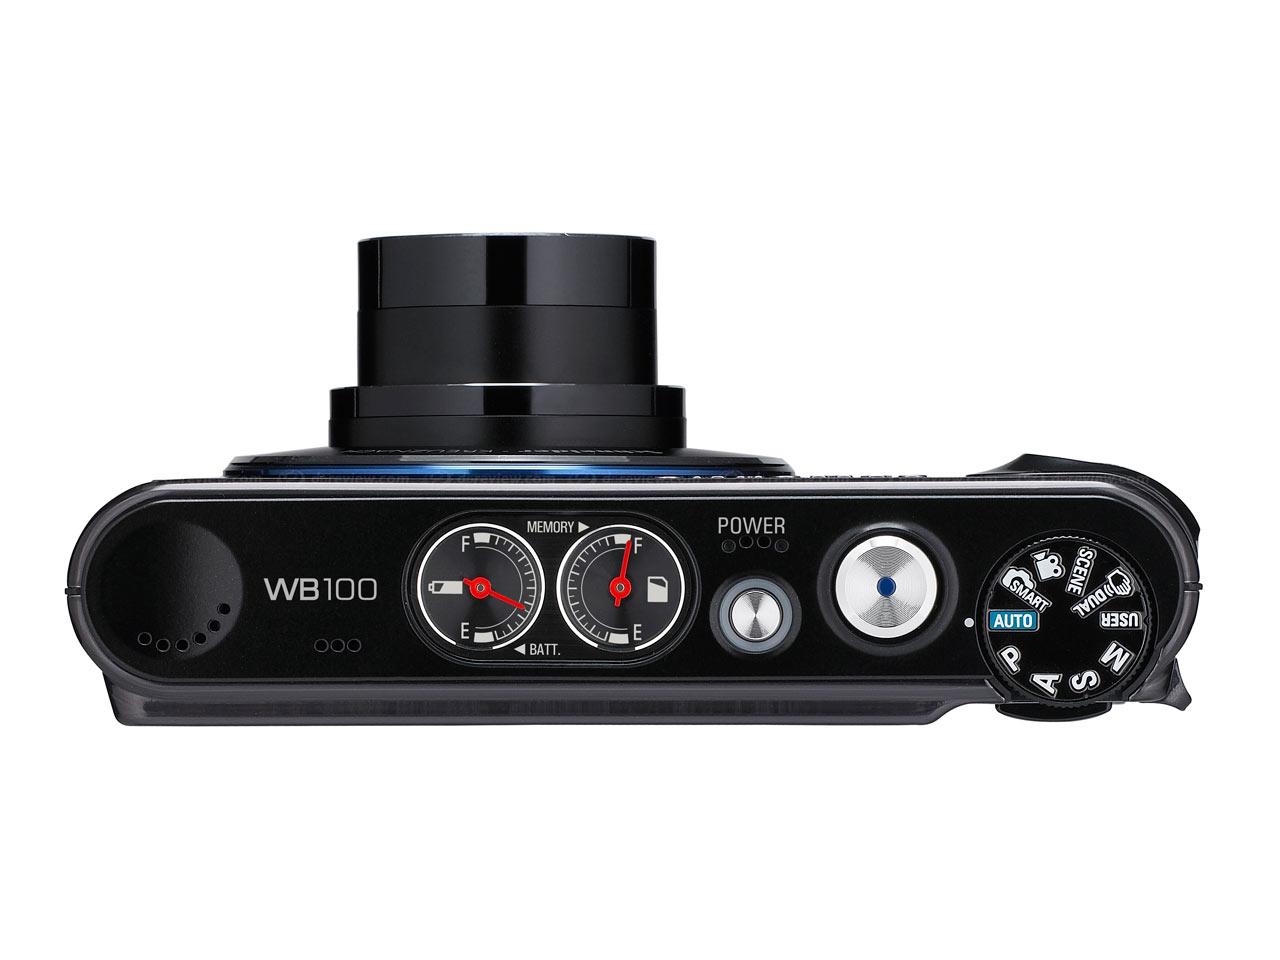 samsung releases tl320 hz15w wide angle compacts digital rh dpreview com manual de camara samsung wb100 Samsung WB100 Vaule